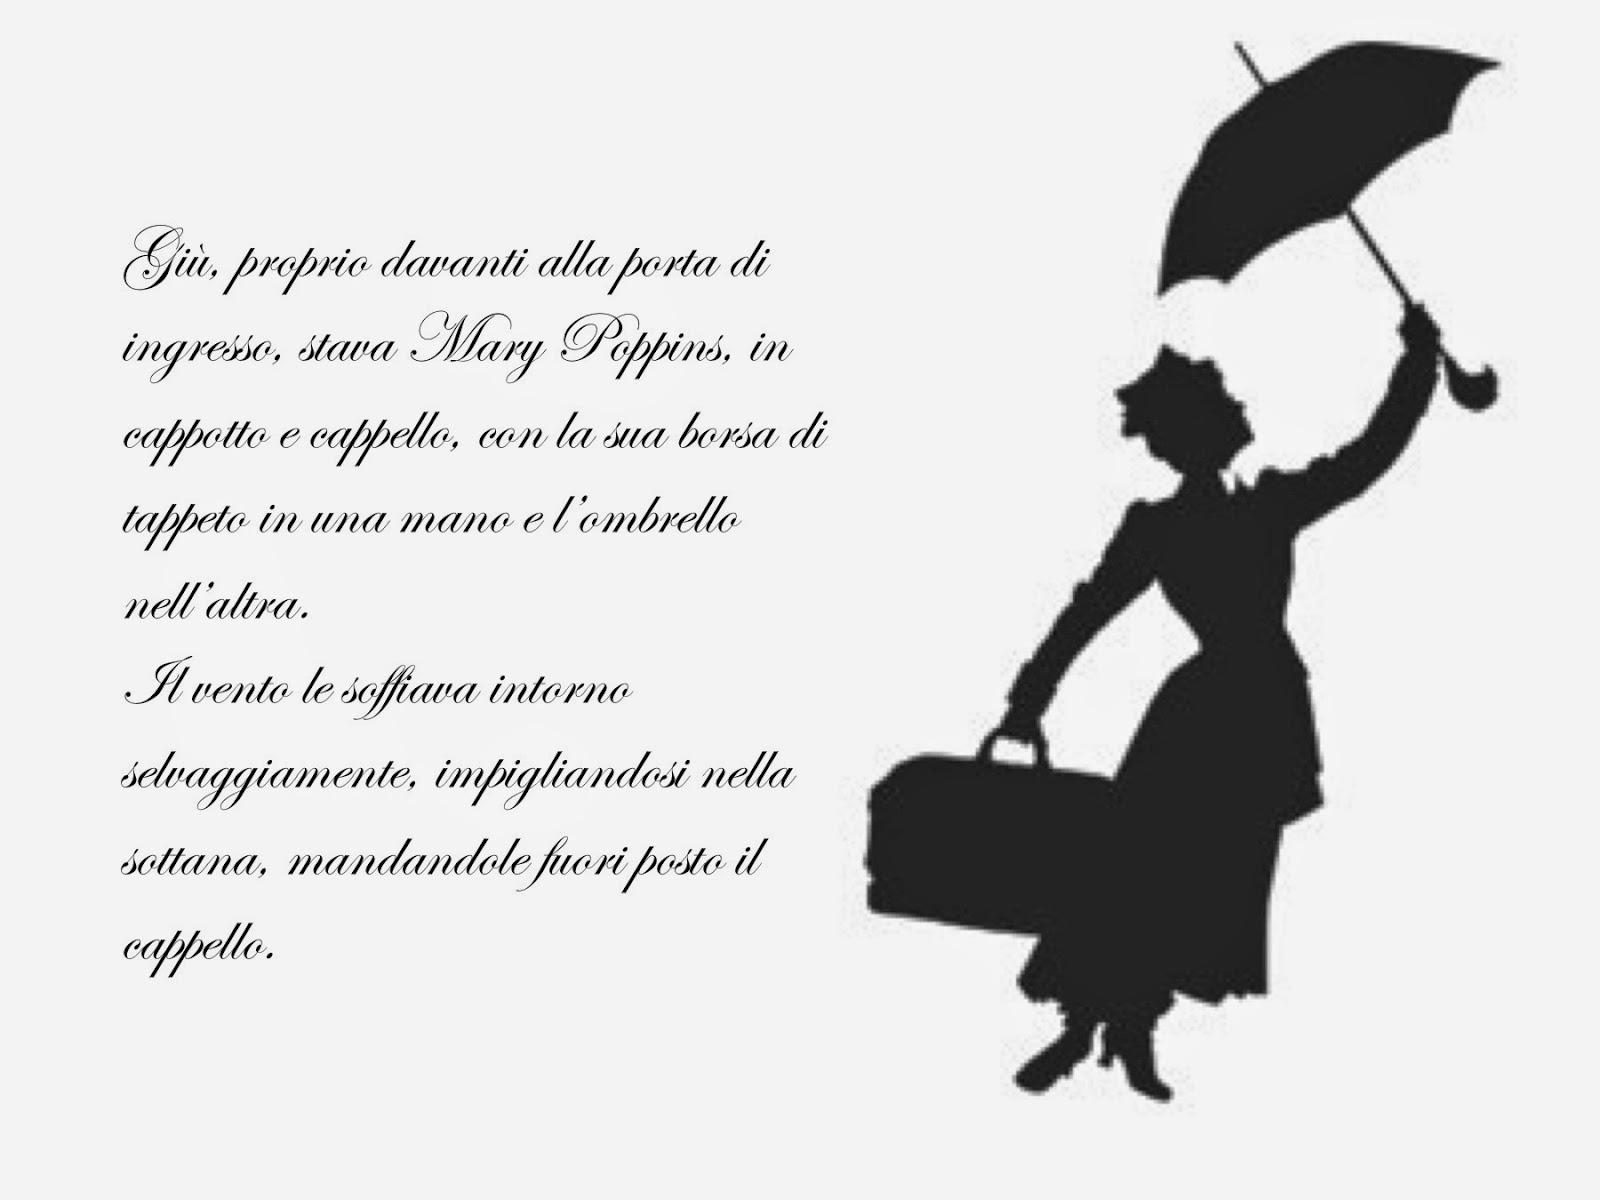 100 Metri Quadri Di Mondo Mary Poppins Citazioni Dal Libro